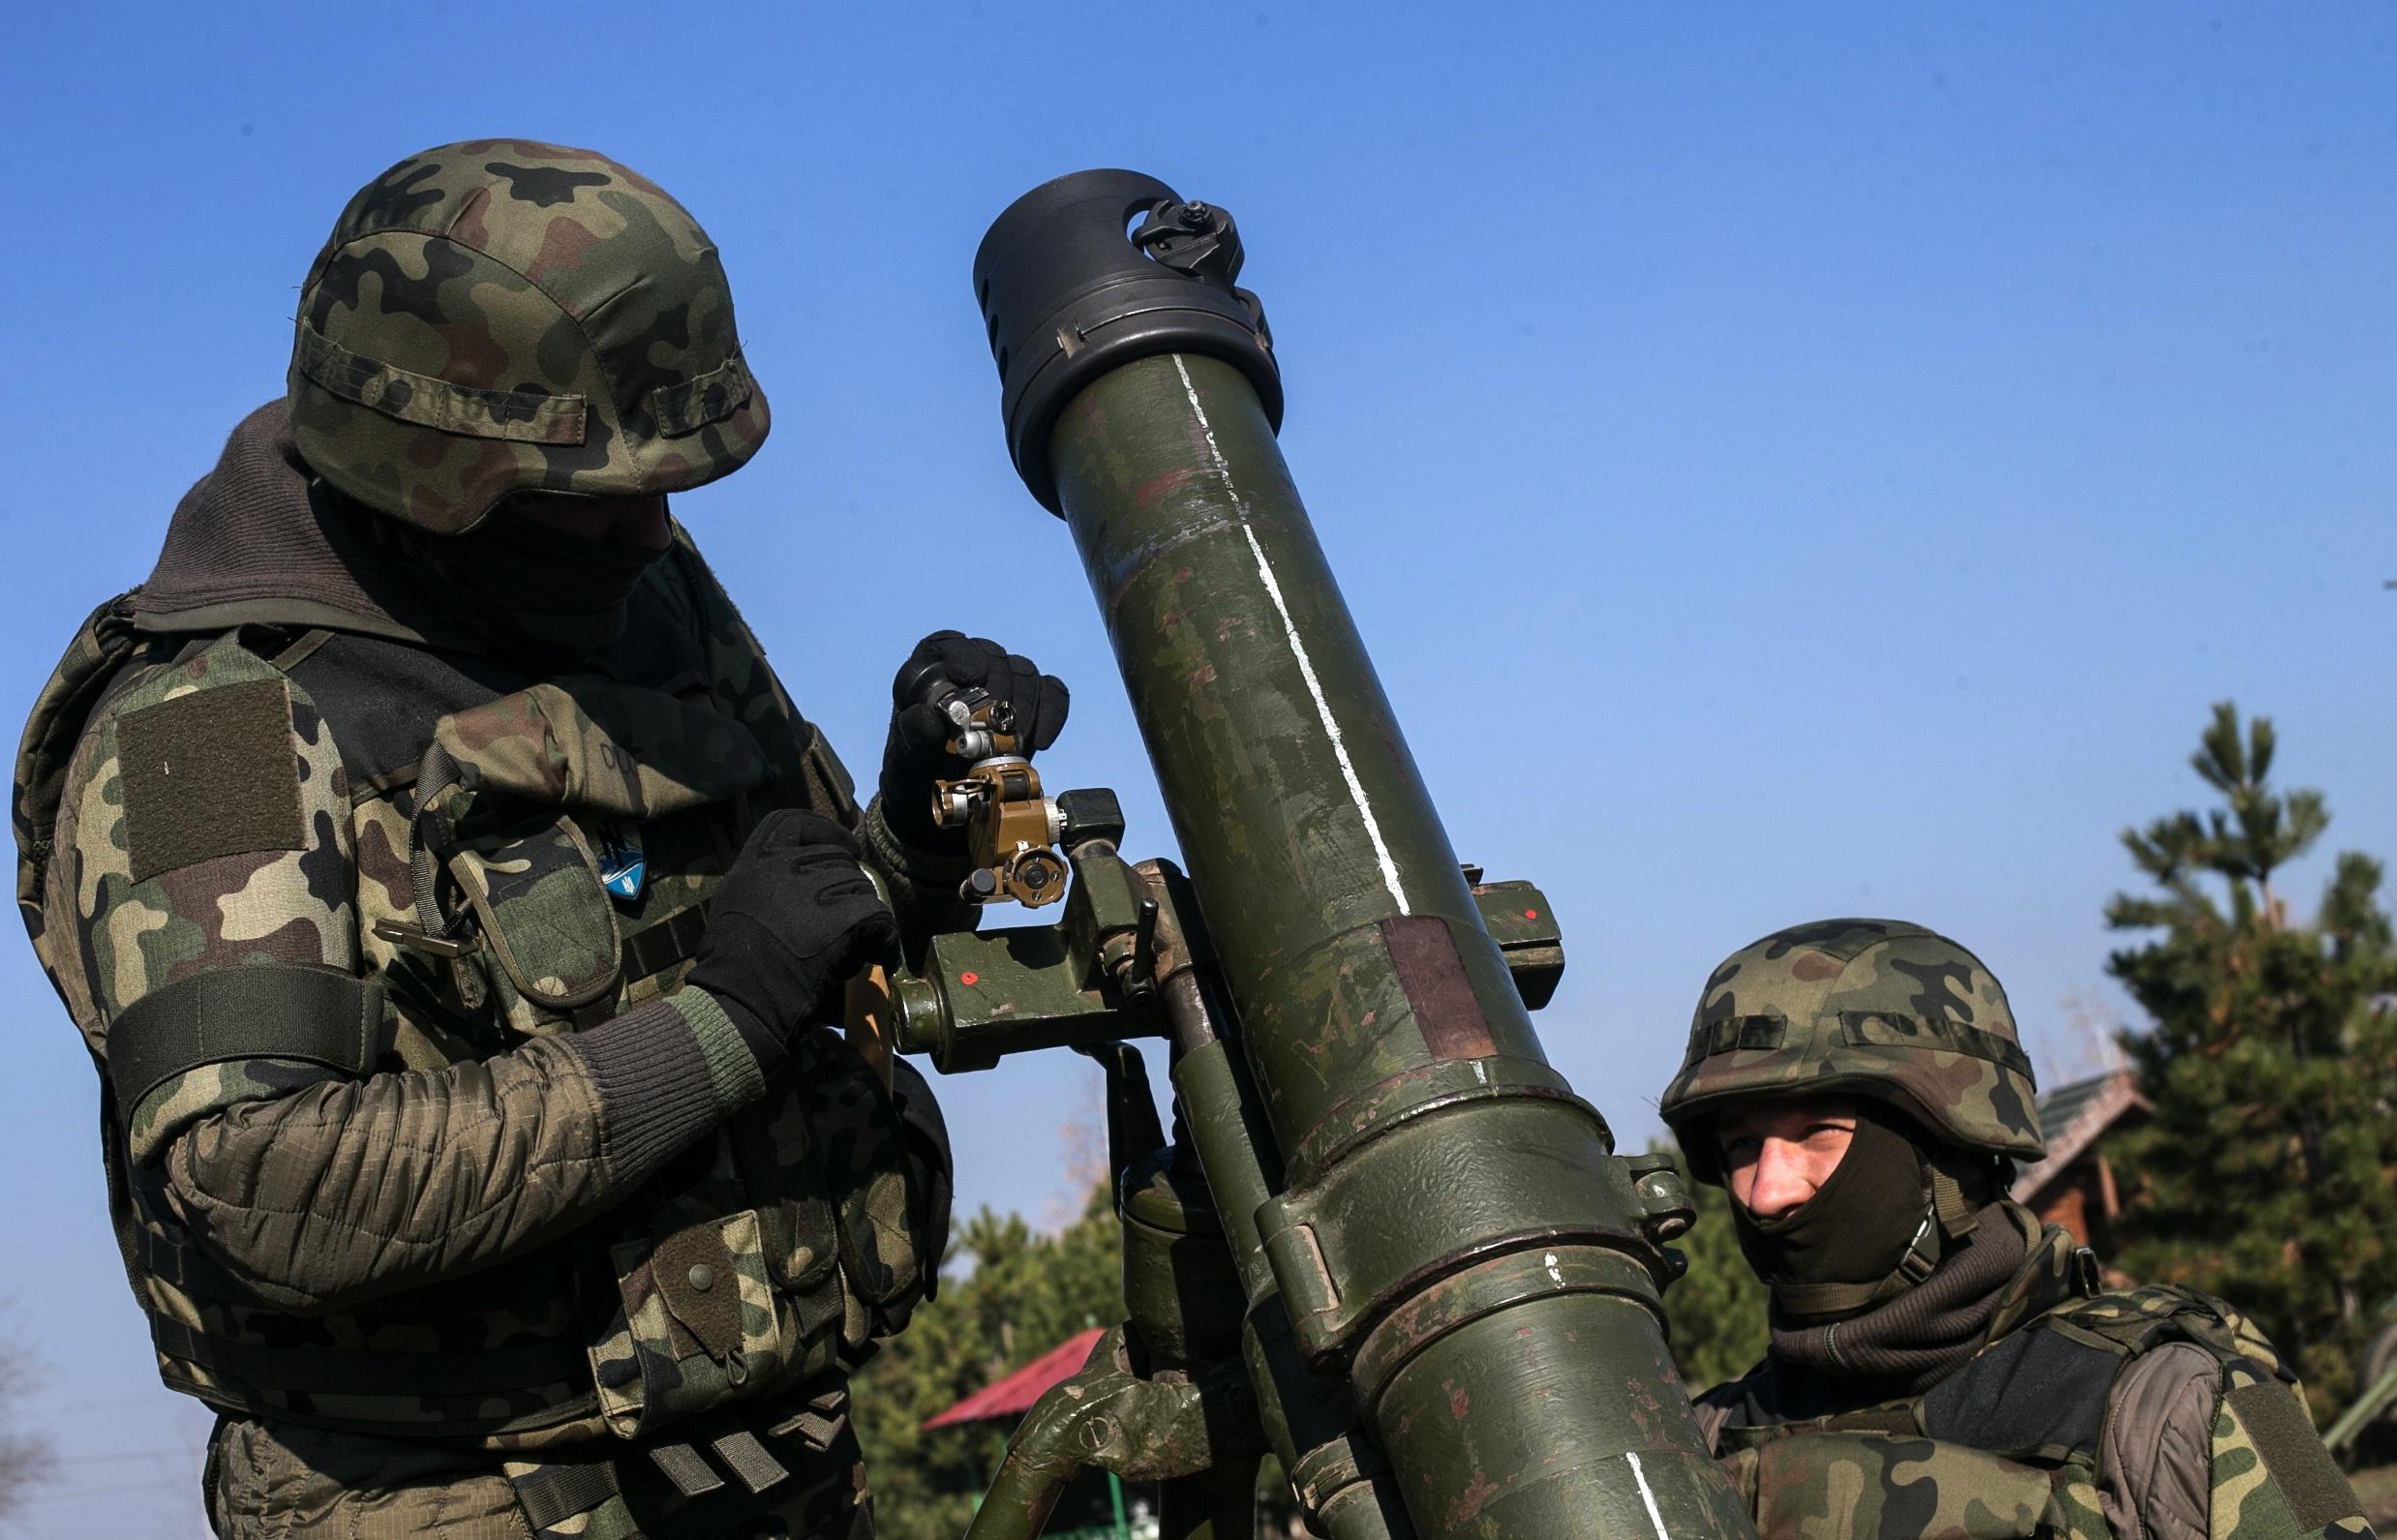 Украинская армия обстреляла север и юг ДНР из 120-миллиметровых минометов – СЦКК